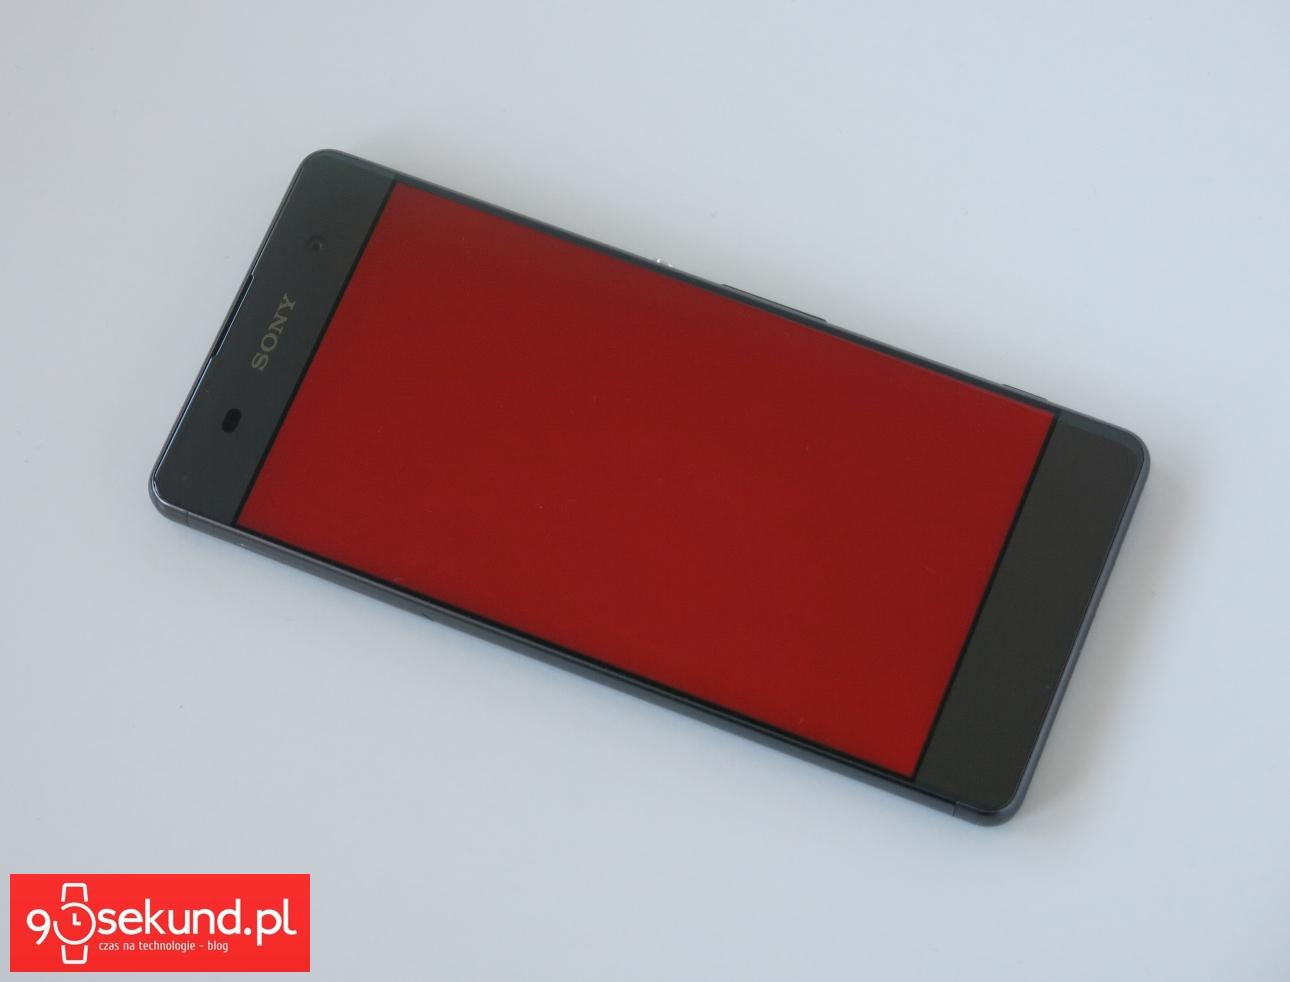 Sony Xperia XA - ekran oglądany mniej więcej na wprost - recenzja 90sekund.pl